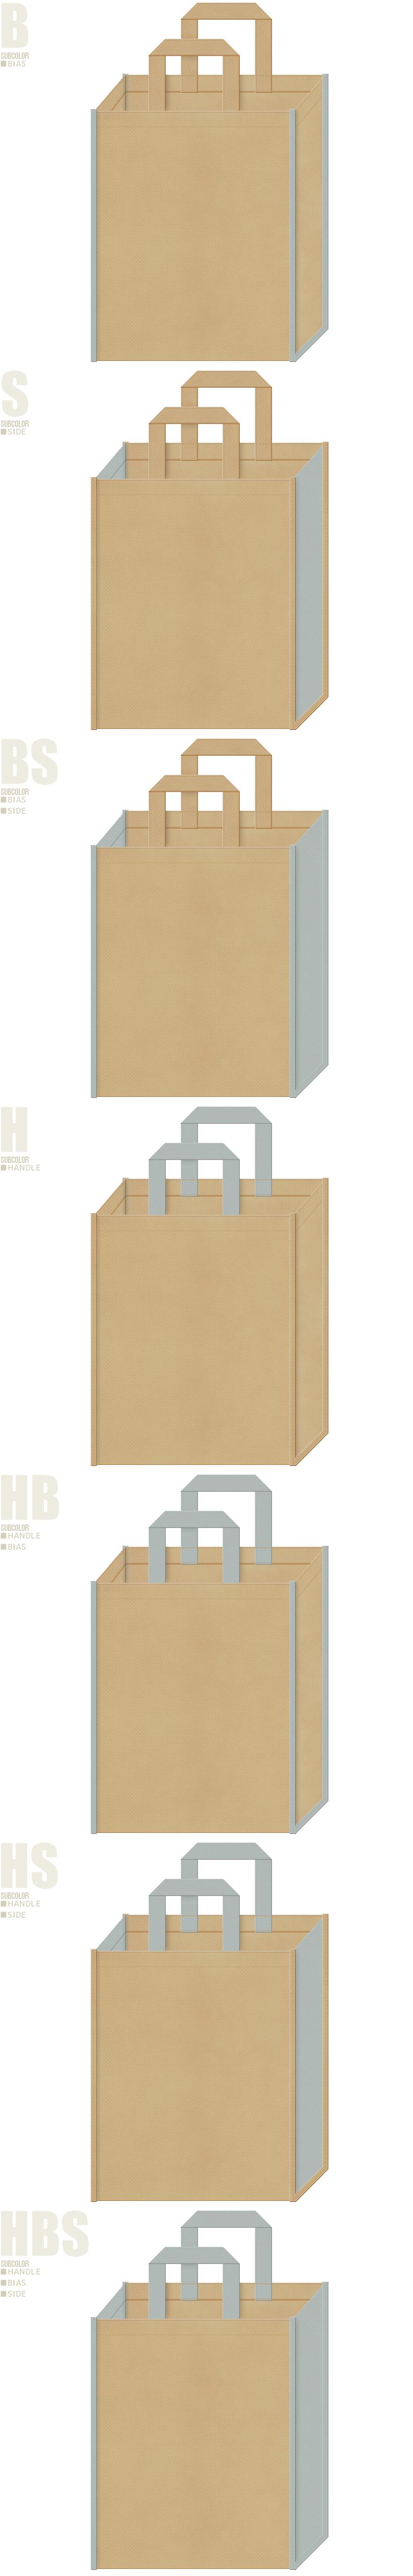 カーキ色とグレー色、7パターンの不織布トートバッグ配色デザイン例。